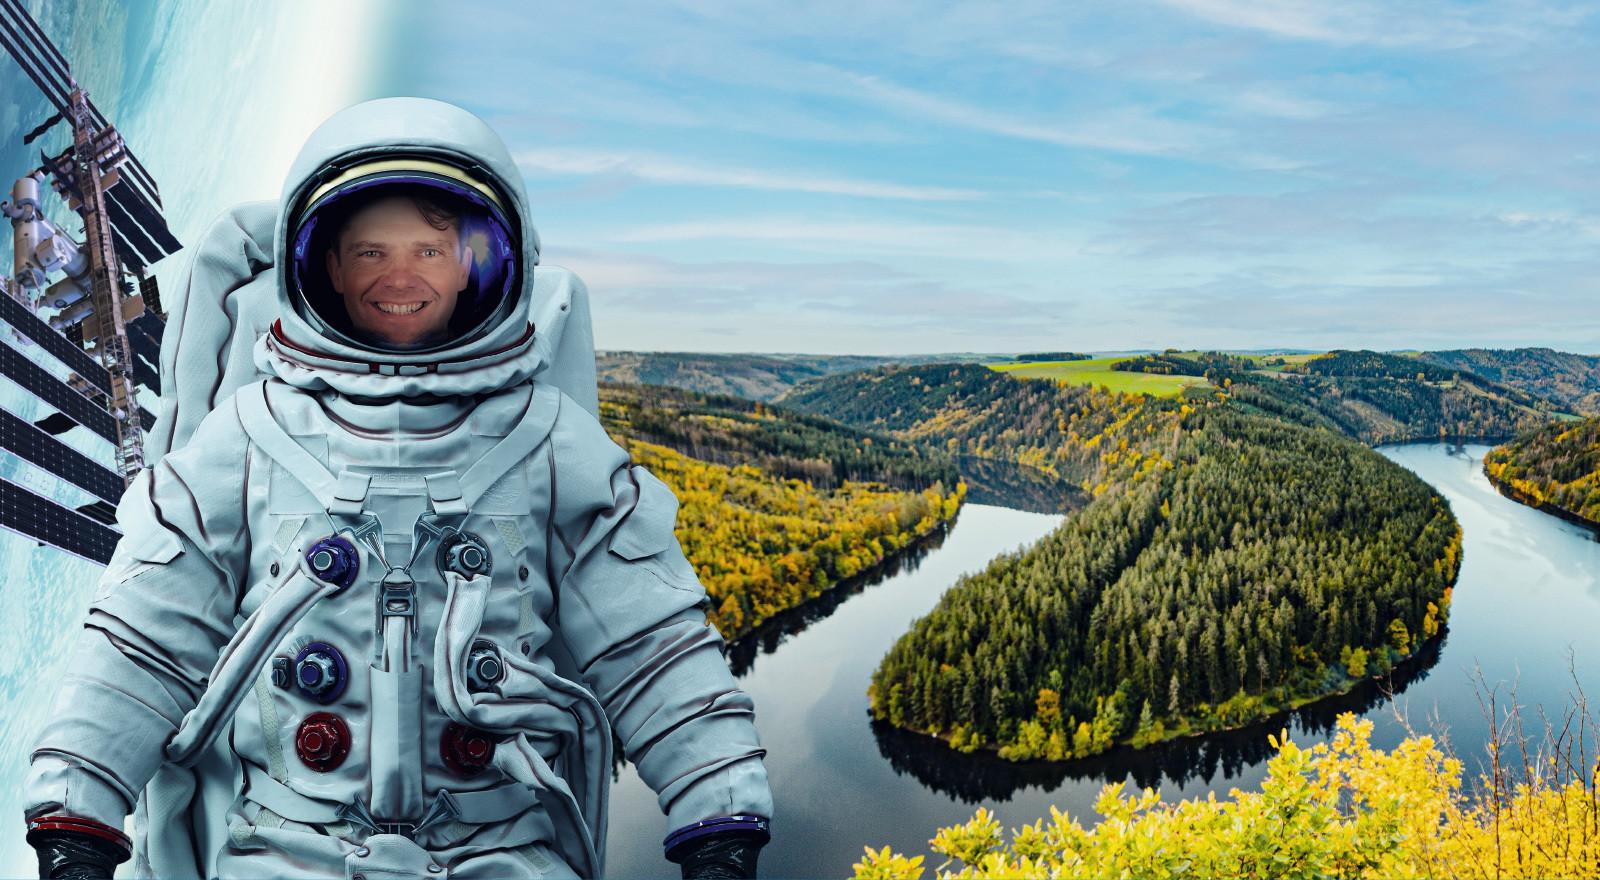 Heroimg astronaut